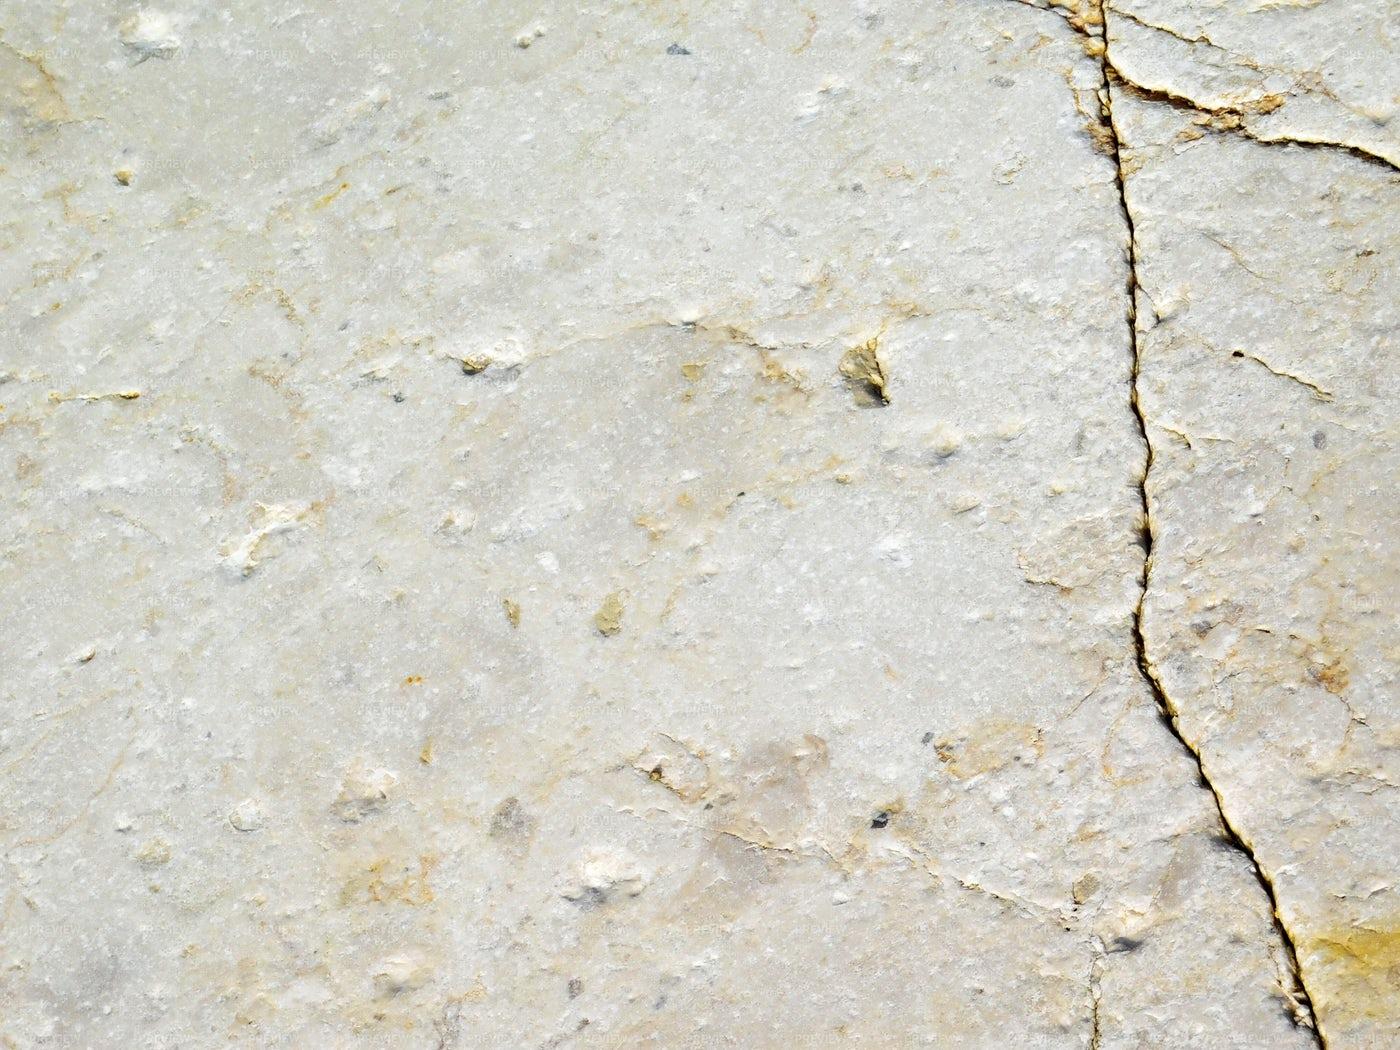 White Marble Texture: Stock Photos